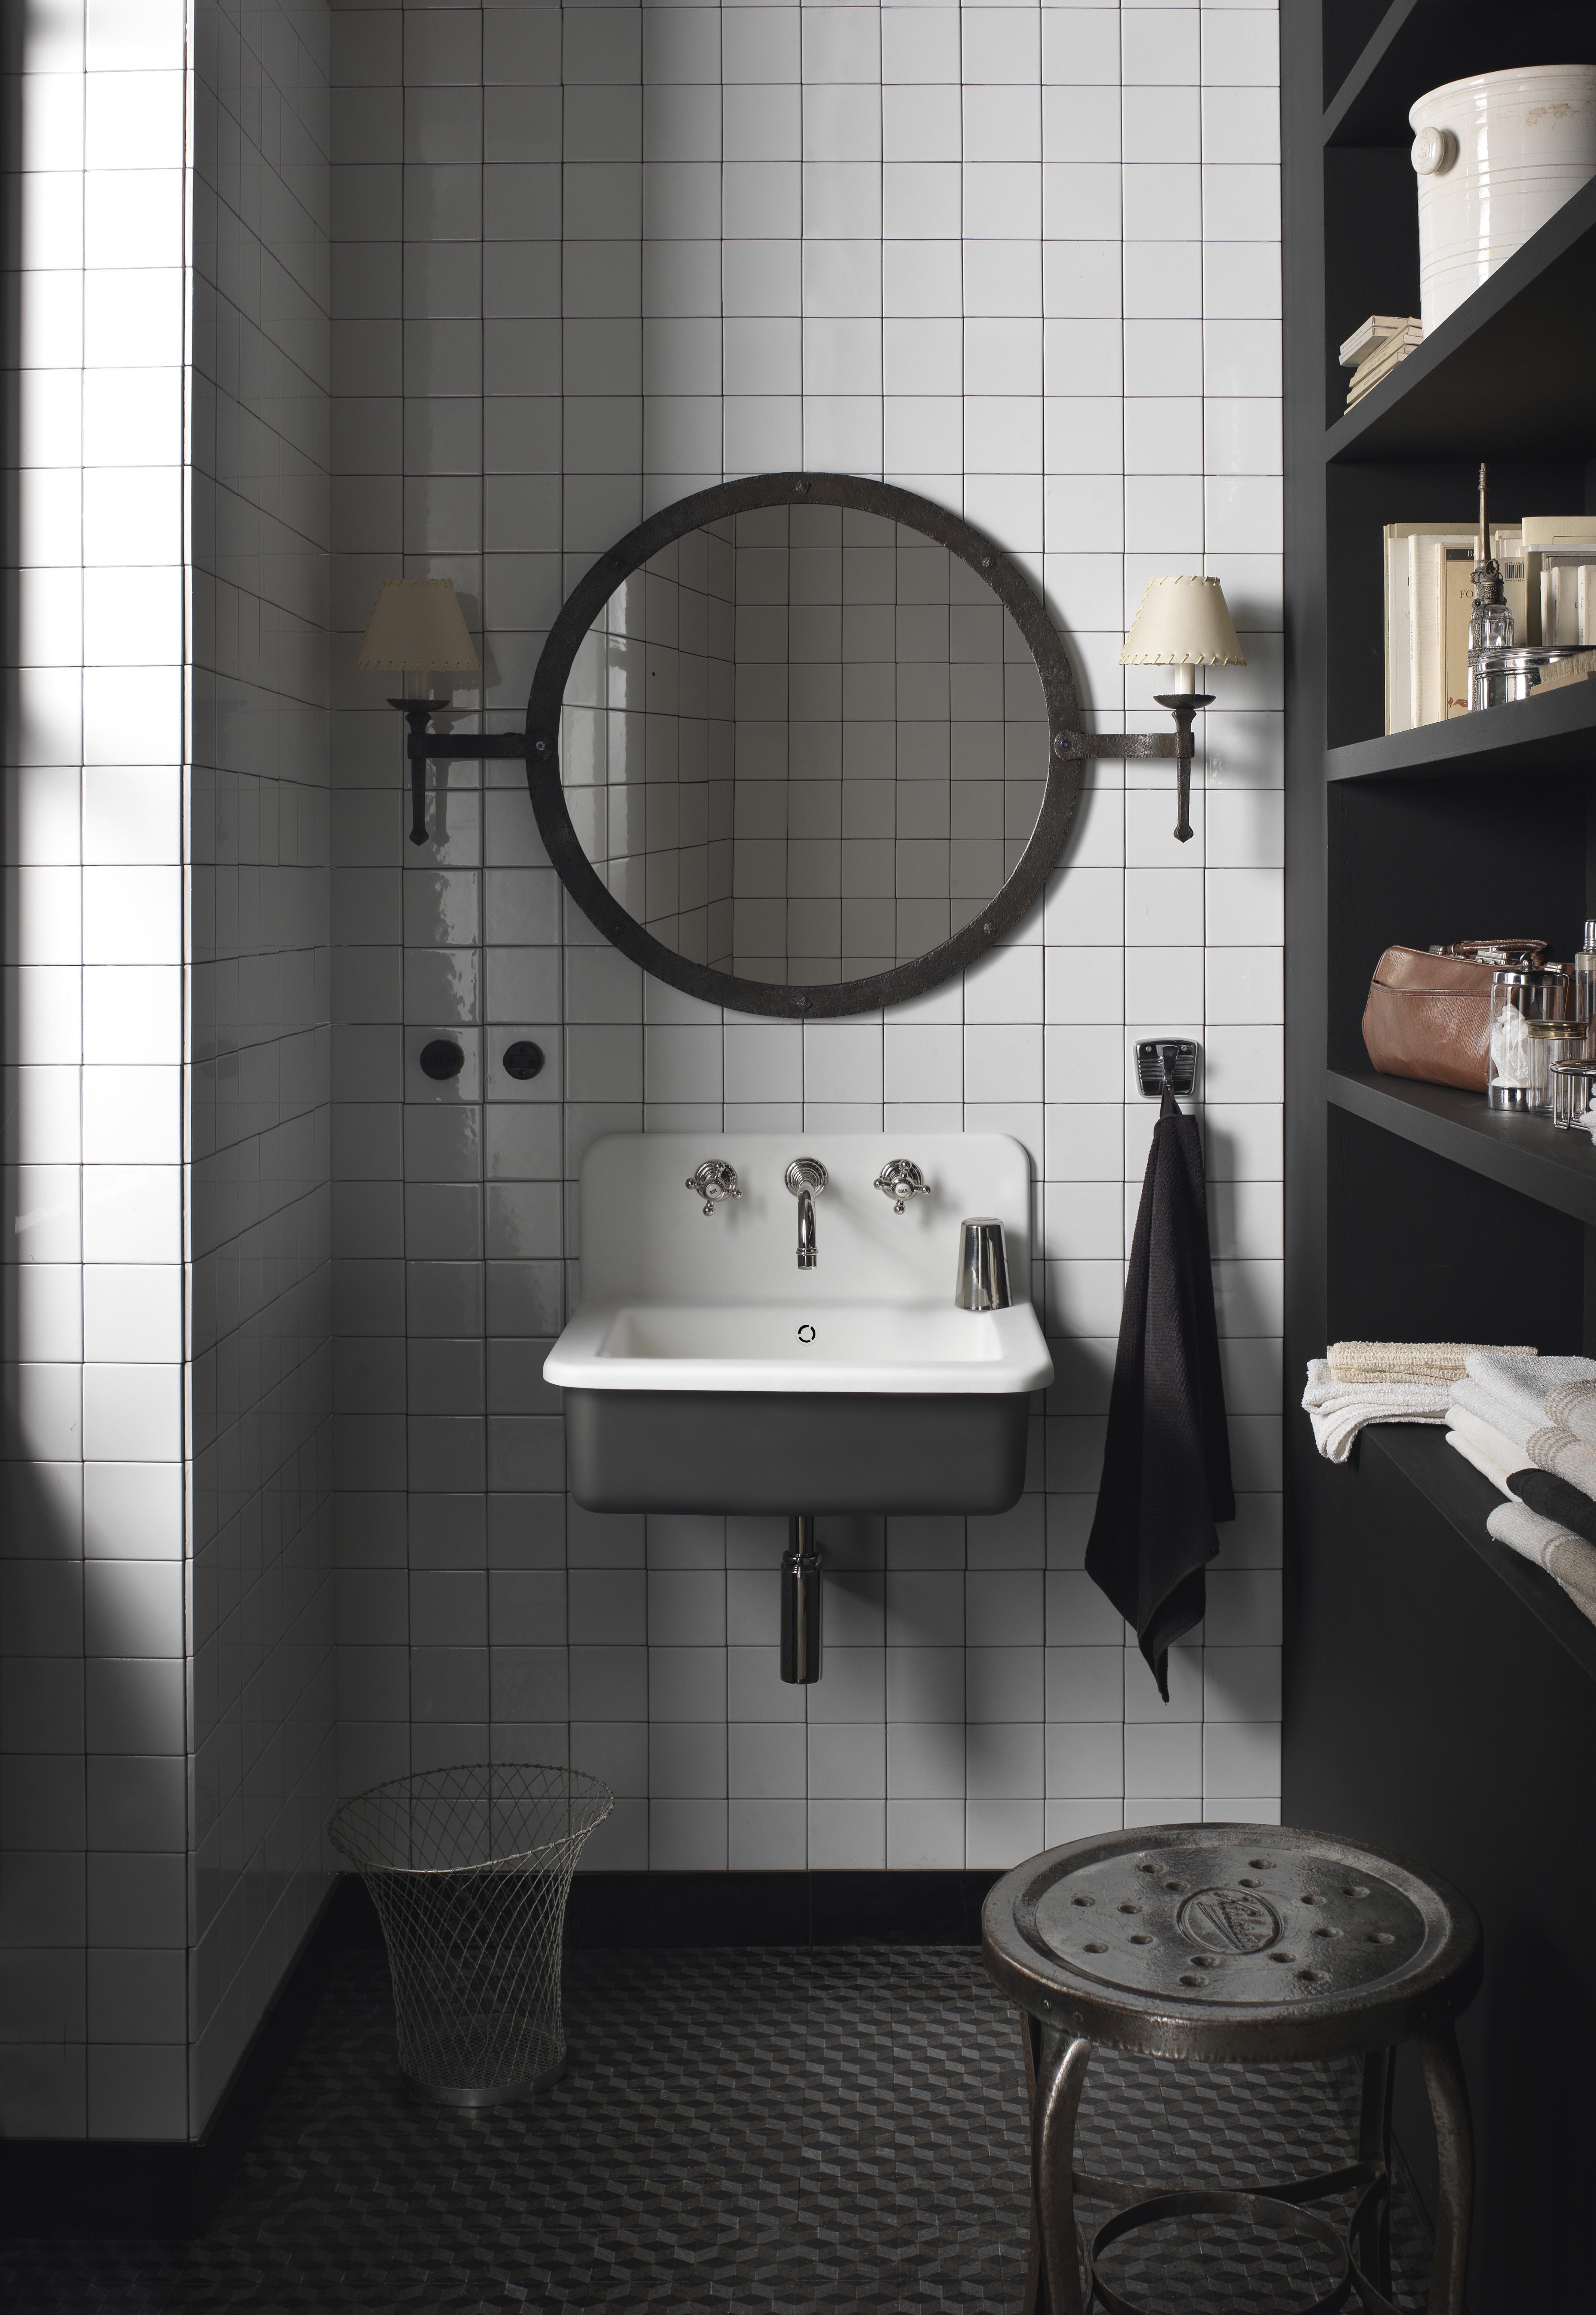 Surface Standard Salle De Bain vasque de salle de bain en corian® - corian® solid surfaces